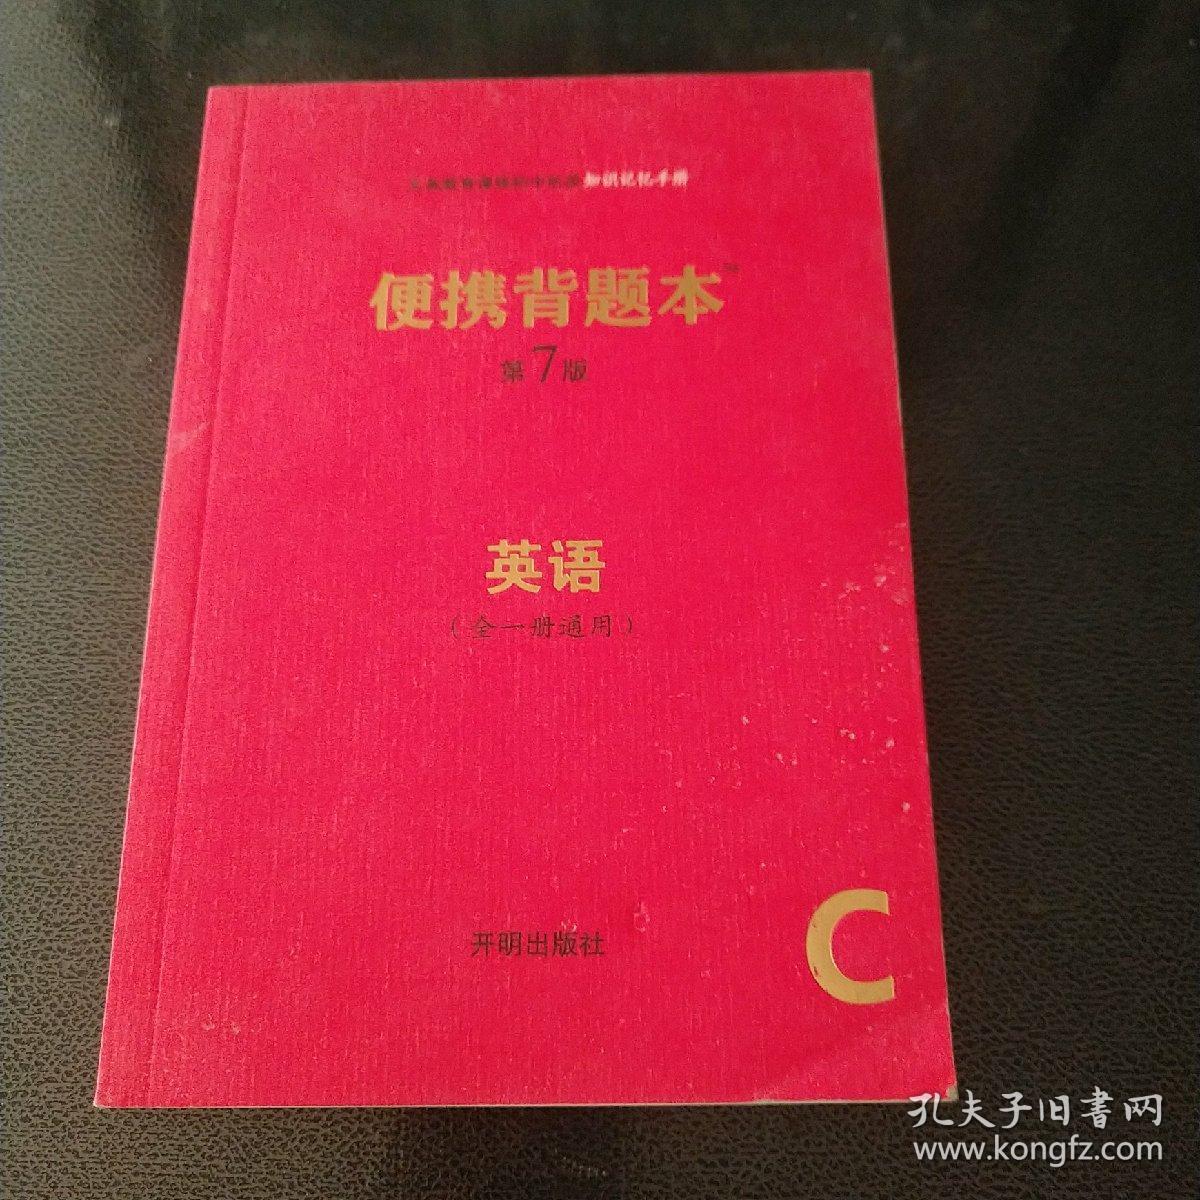 便携背题本(英语全一册通用C第7版)/义务教育课程初中阶段知识记忆手册